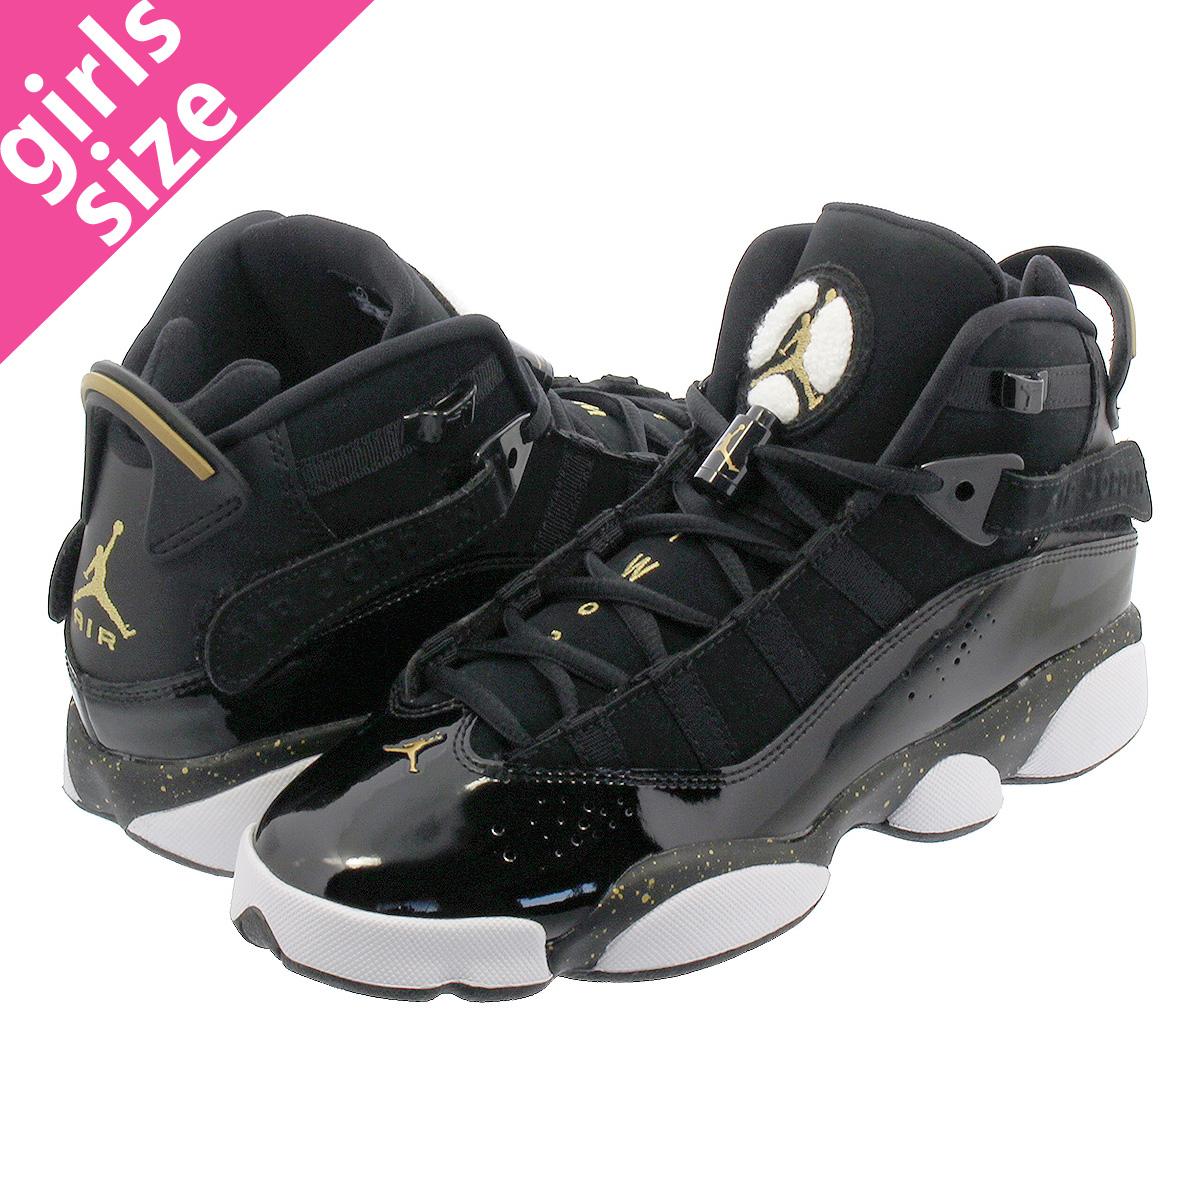 finest selection e1984 8b631 NIKE JORDAN 6 RINGS BG Nike Jordan 6 RINGS Co.,Ltd. BG BLACK/METALLIC  GOLD/WHITE 323,419-007